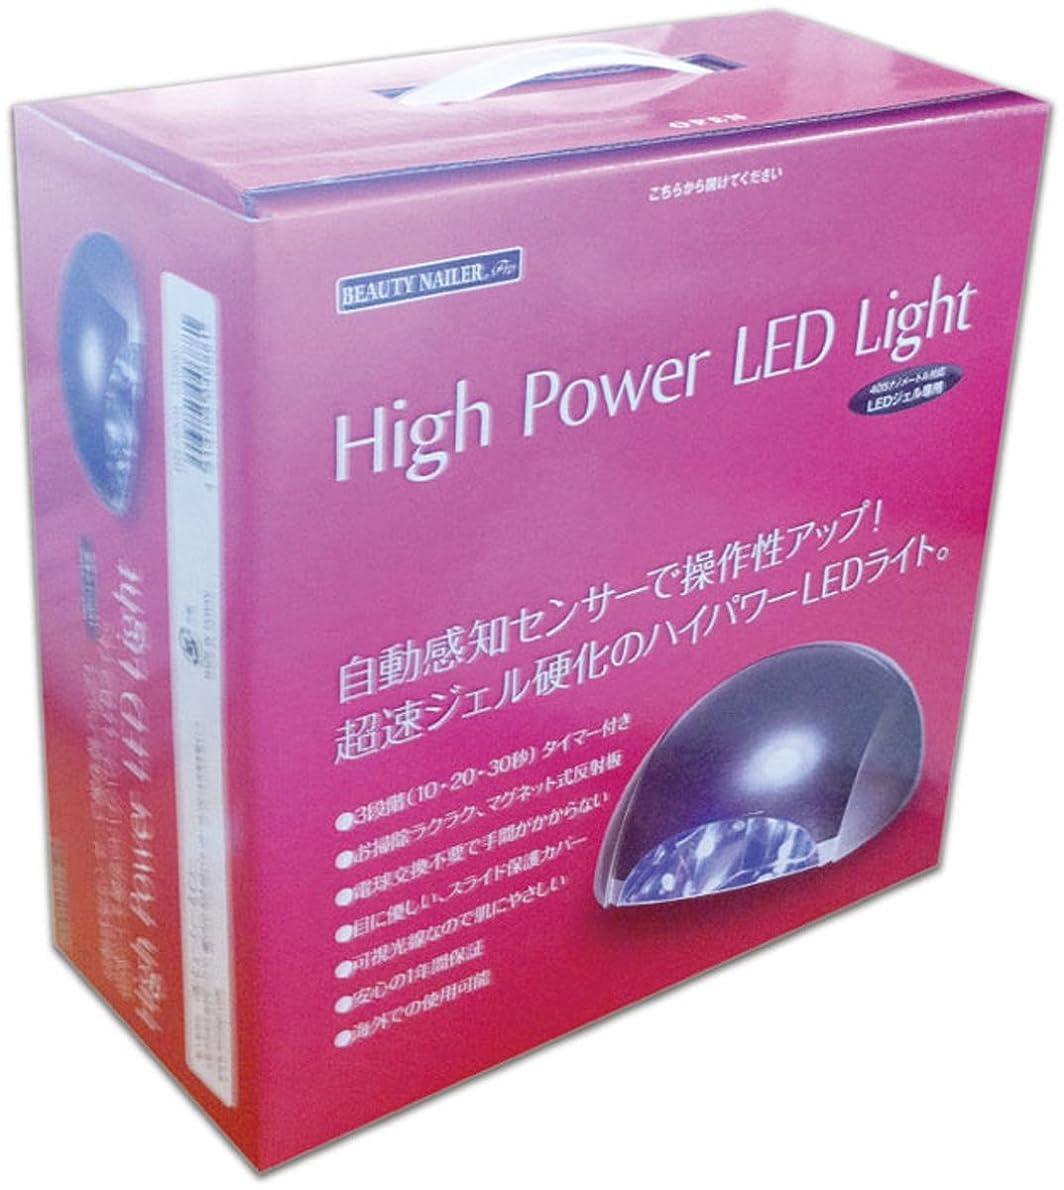 解明型同僚ビューティーネイラー ハイパワーLEDライト HPL-40GB パールブラック